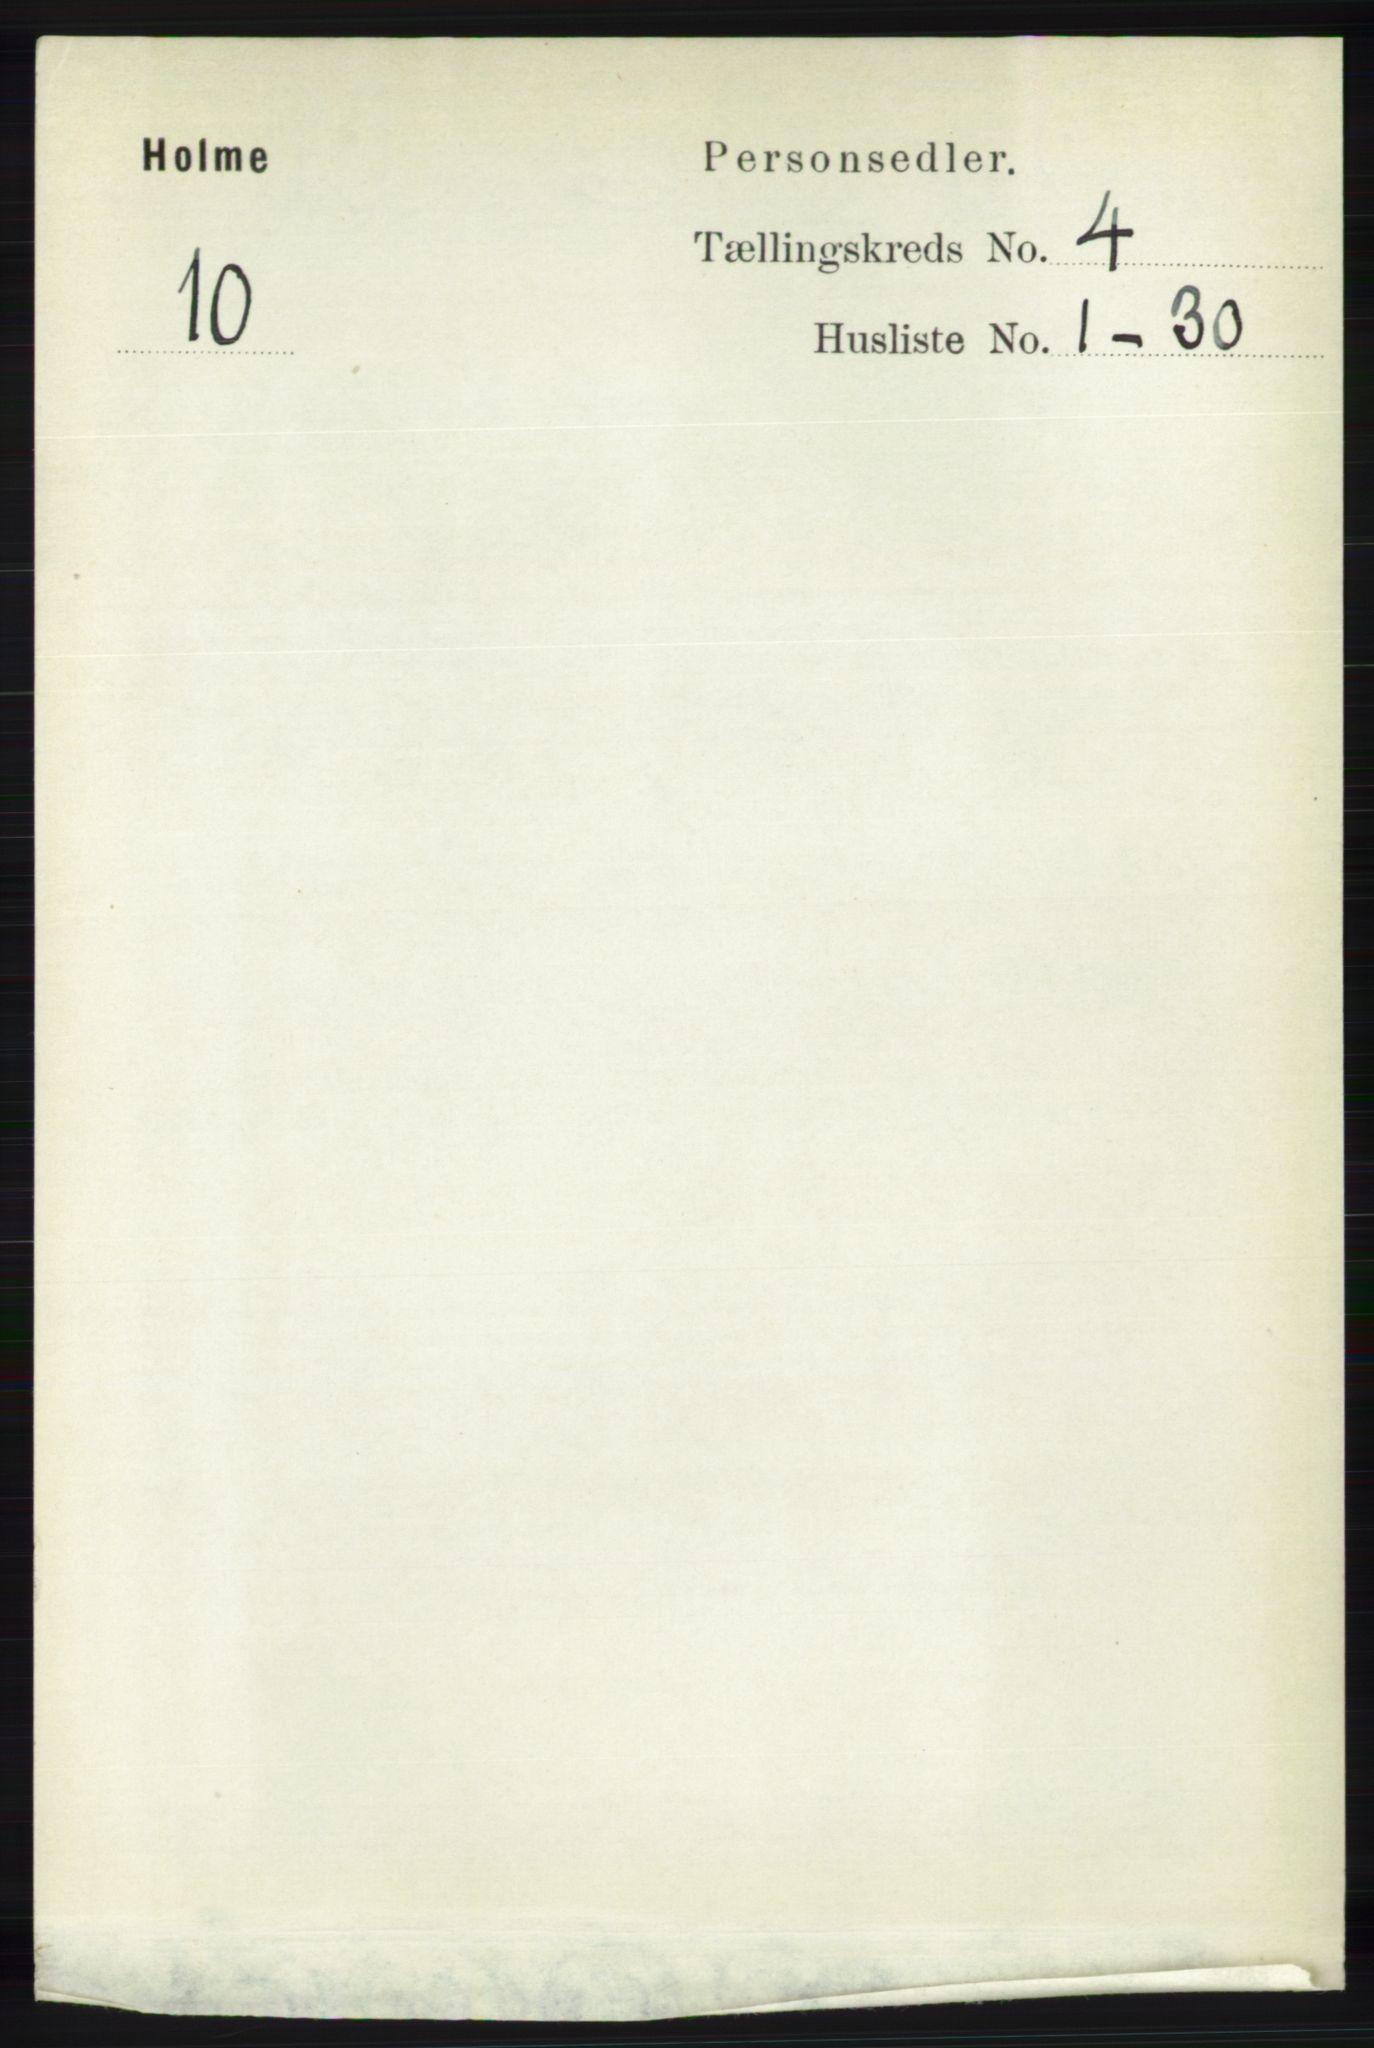 RA, Folketelling 1891 for 1020 Holum herred, 1891, s. 1033